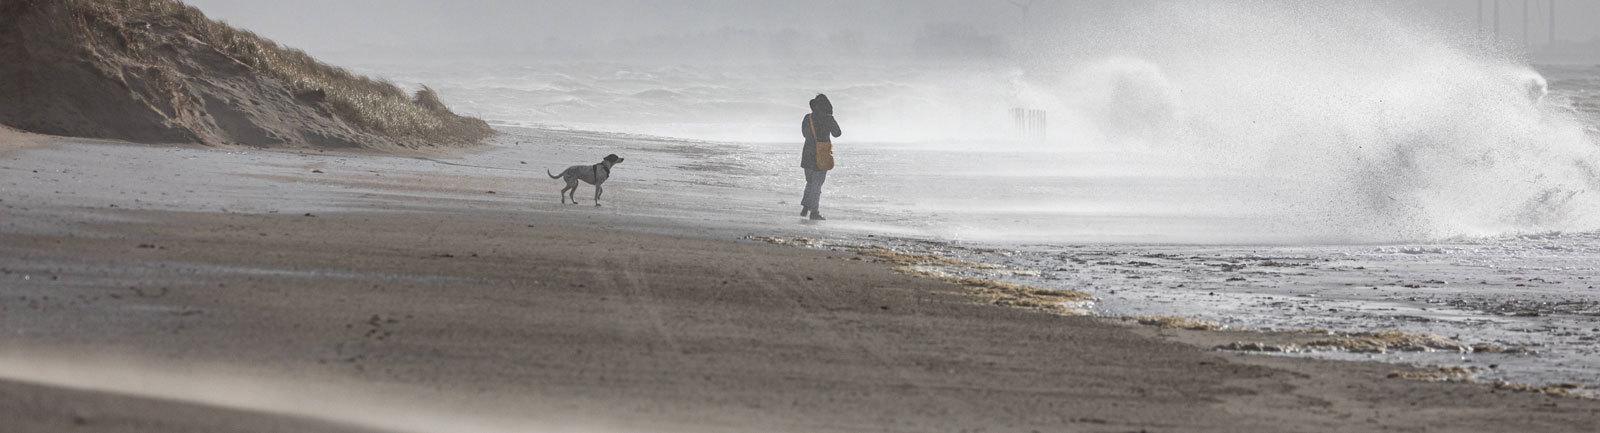 Ein Strandspaziergang an der Nordseeküste.